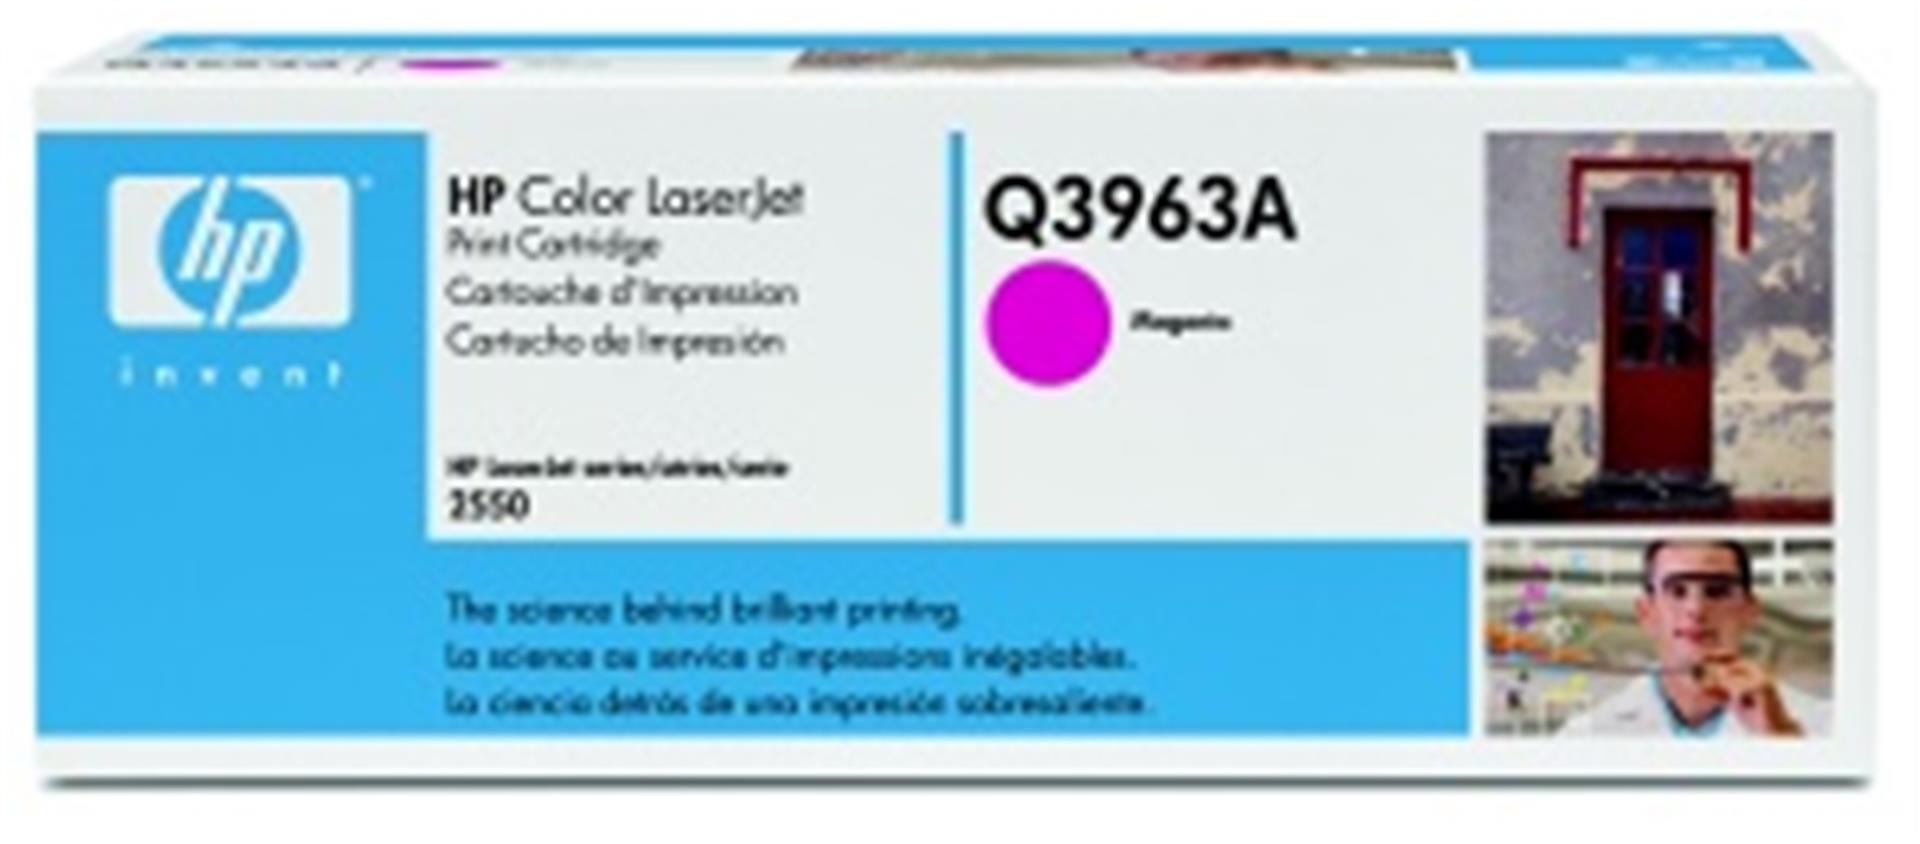 hp color laserjet purpurový toner, Q3963A